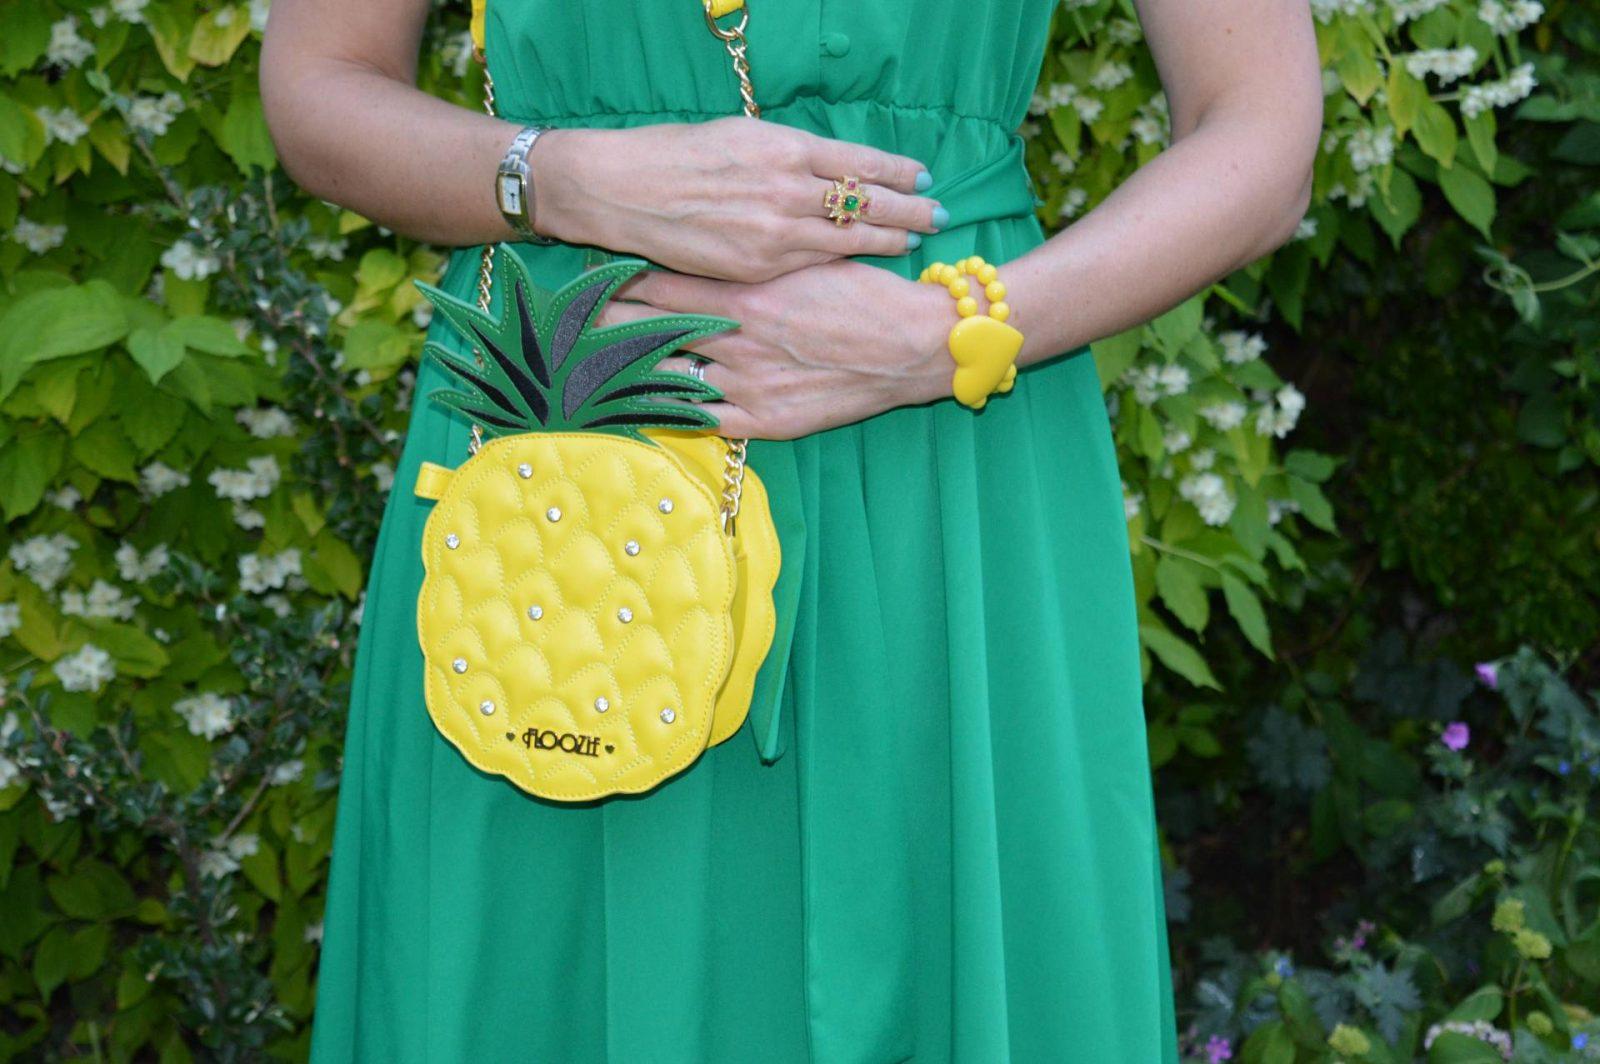 Zara Green midi dress and pineapple bag, Les Nereides heart bracelet